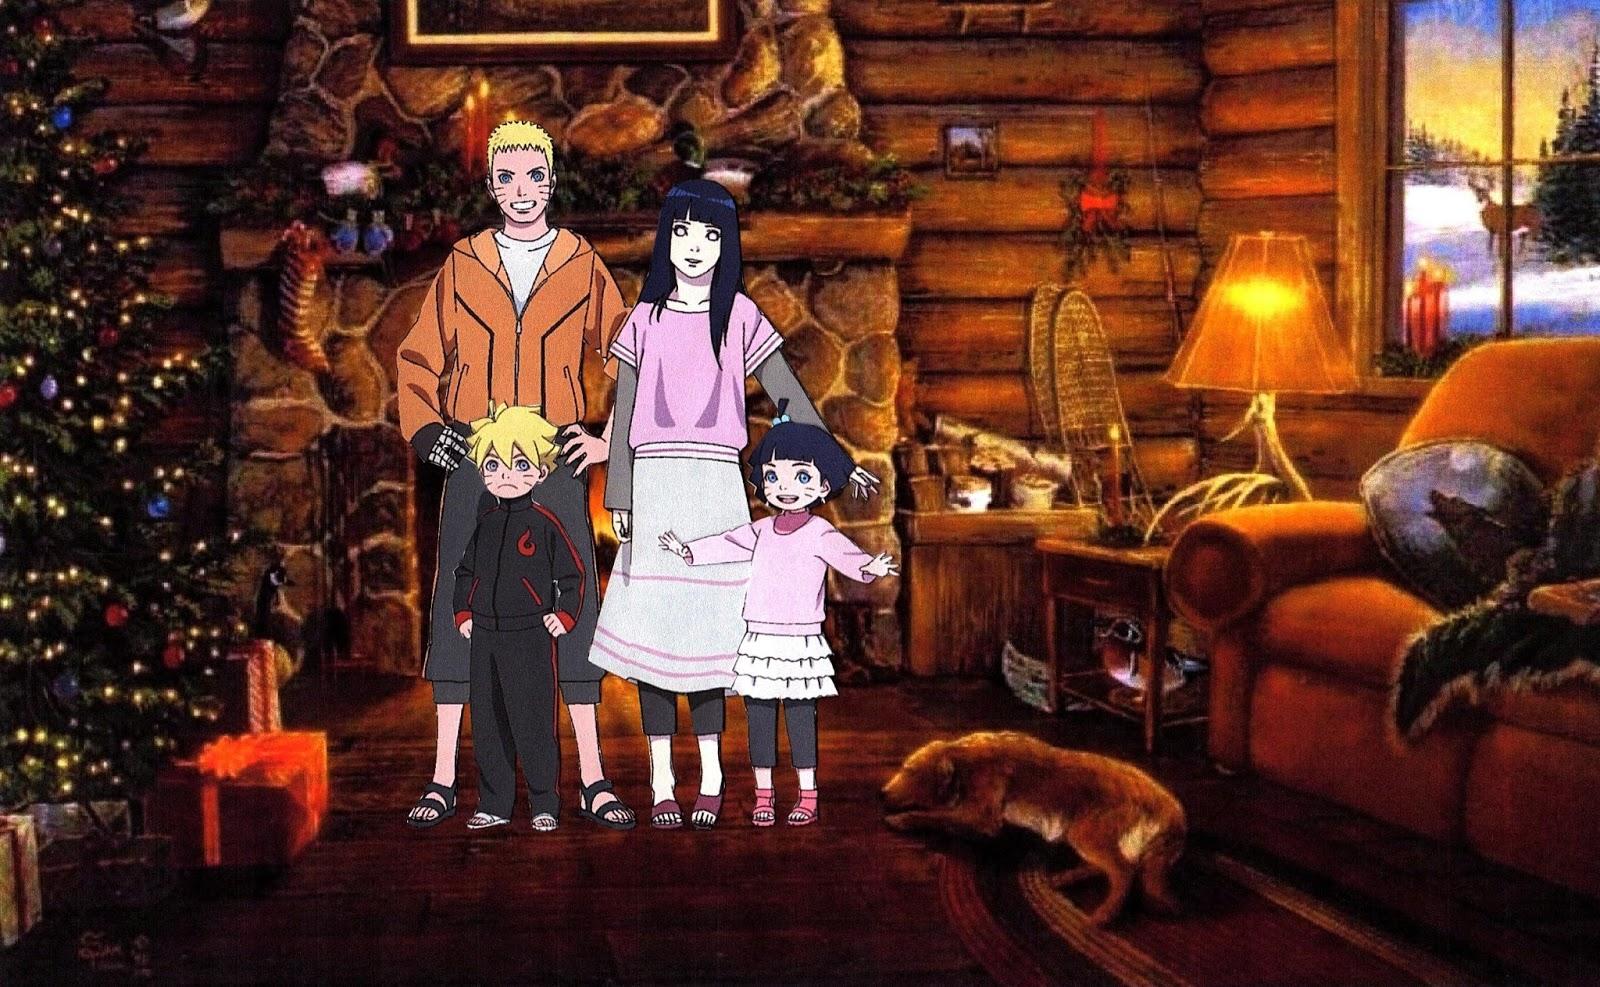 Beautiful Wallpaper Naruto Boruto - keluarga-boruto-himawari-naruto-hinata-wallpaper  Best Photo Reference_383514.jpg